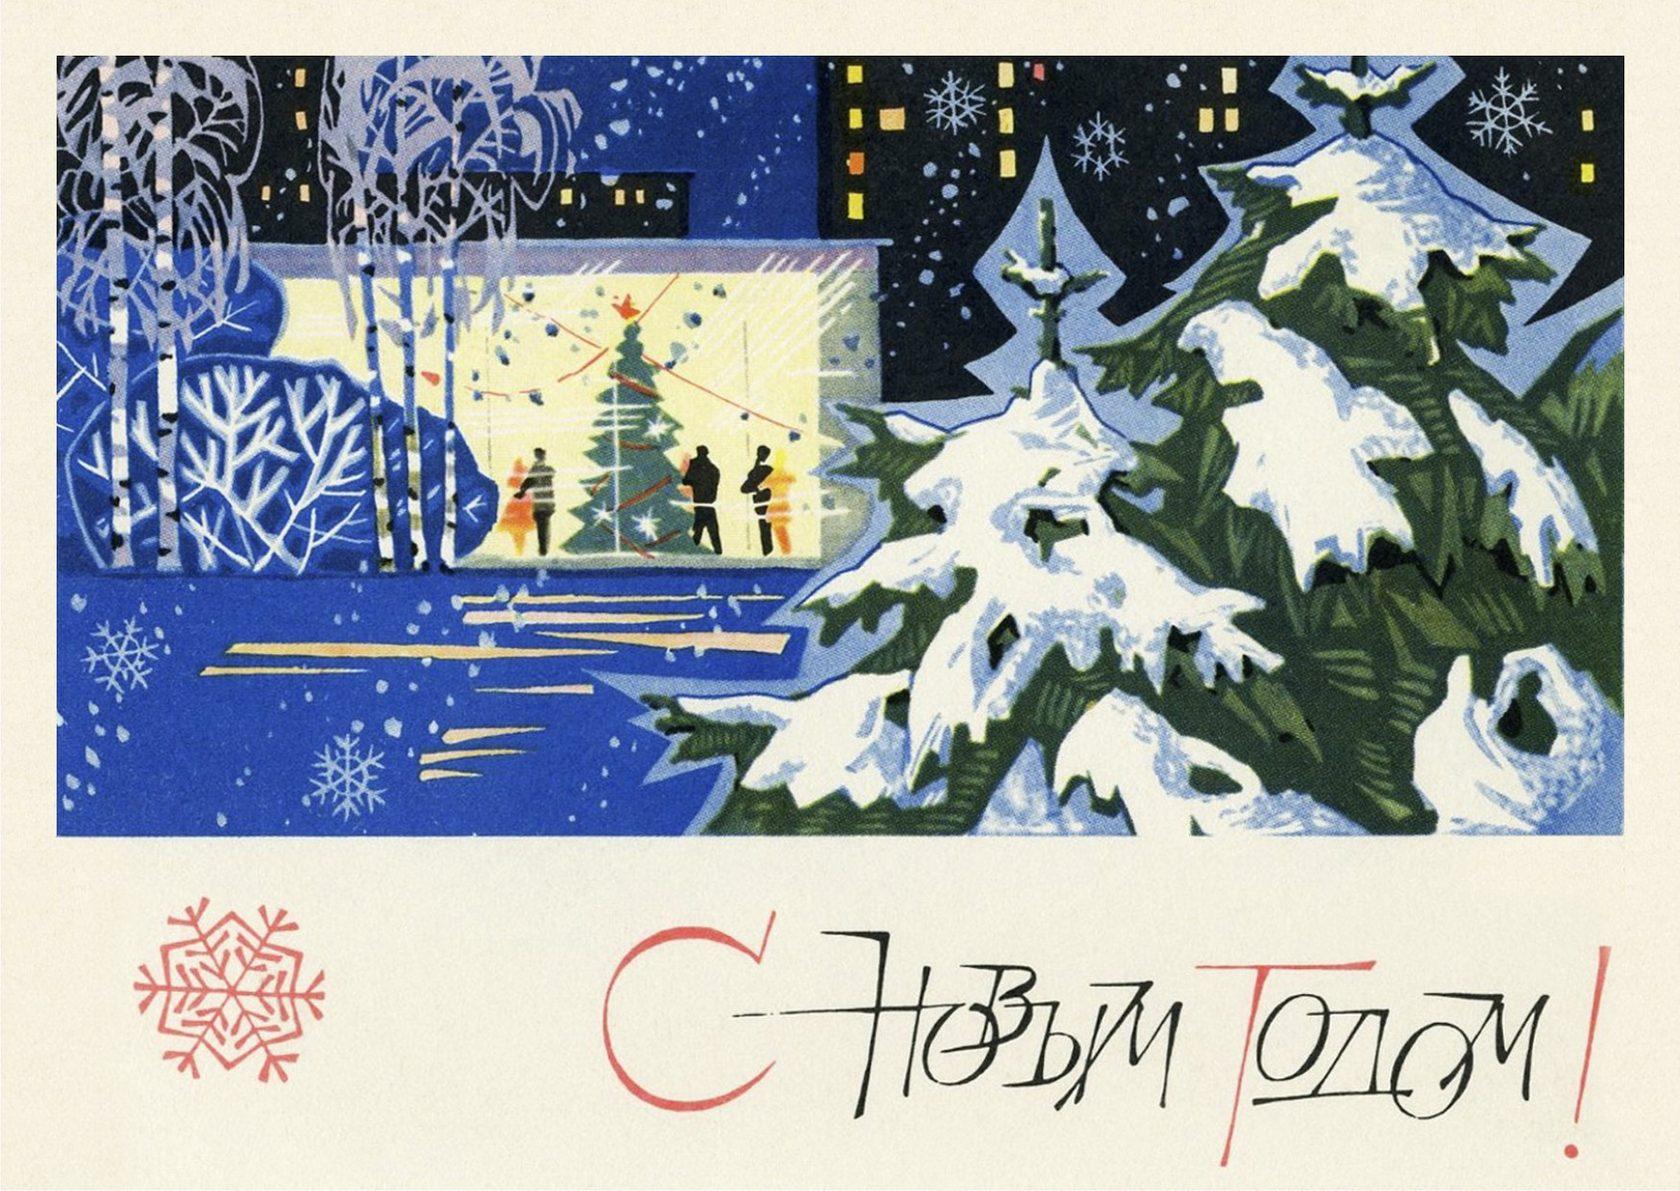 взбейте новогодние открытки 1960-1970 годы читатели